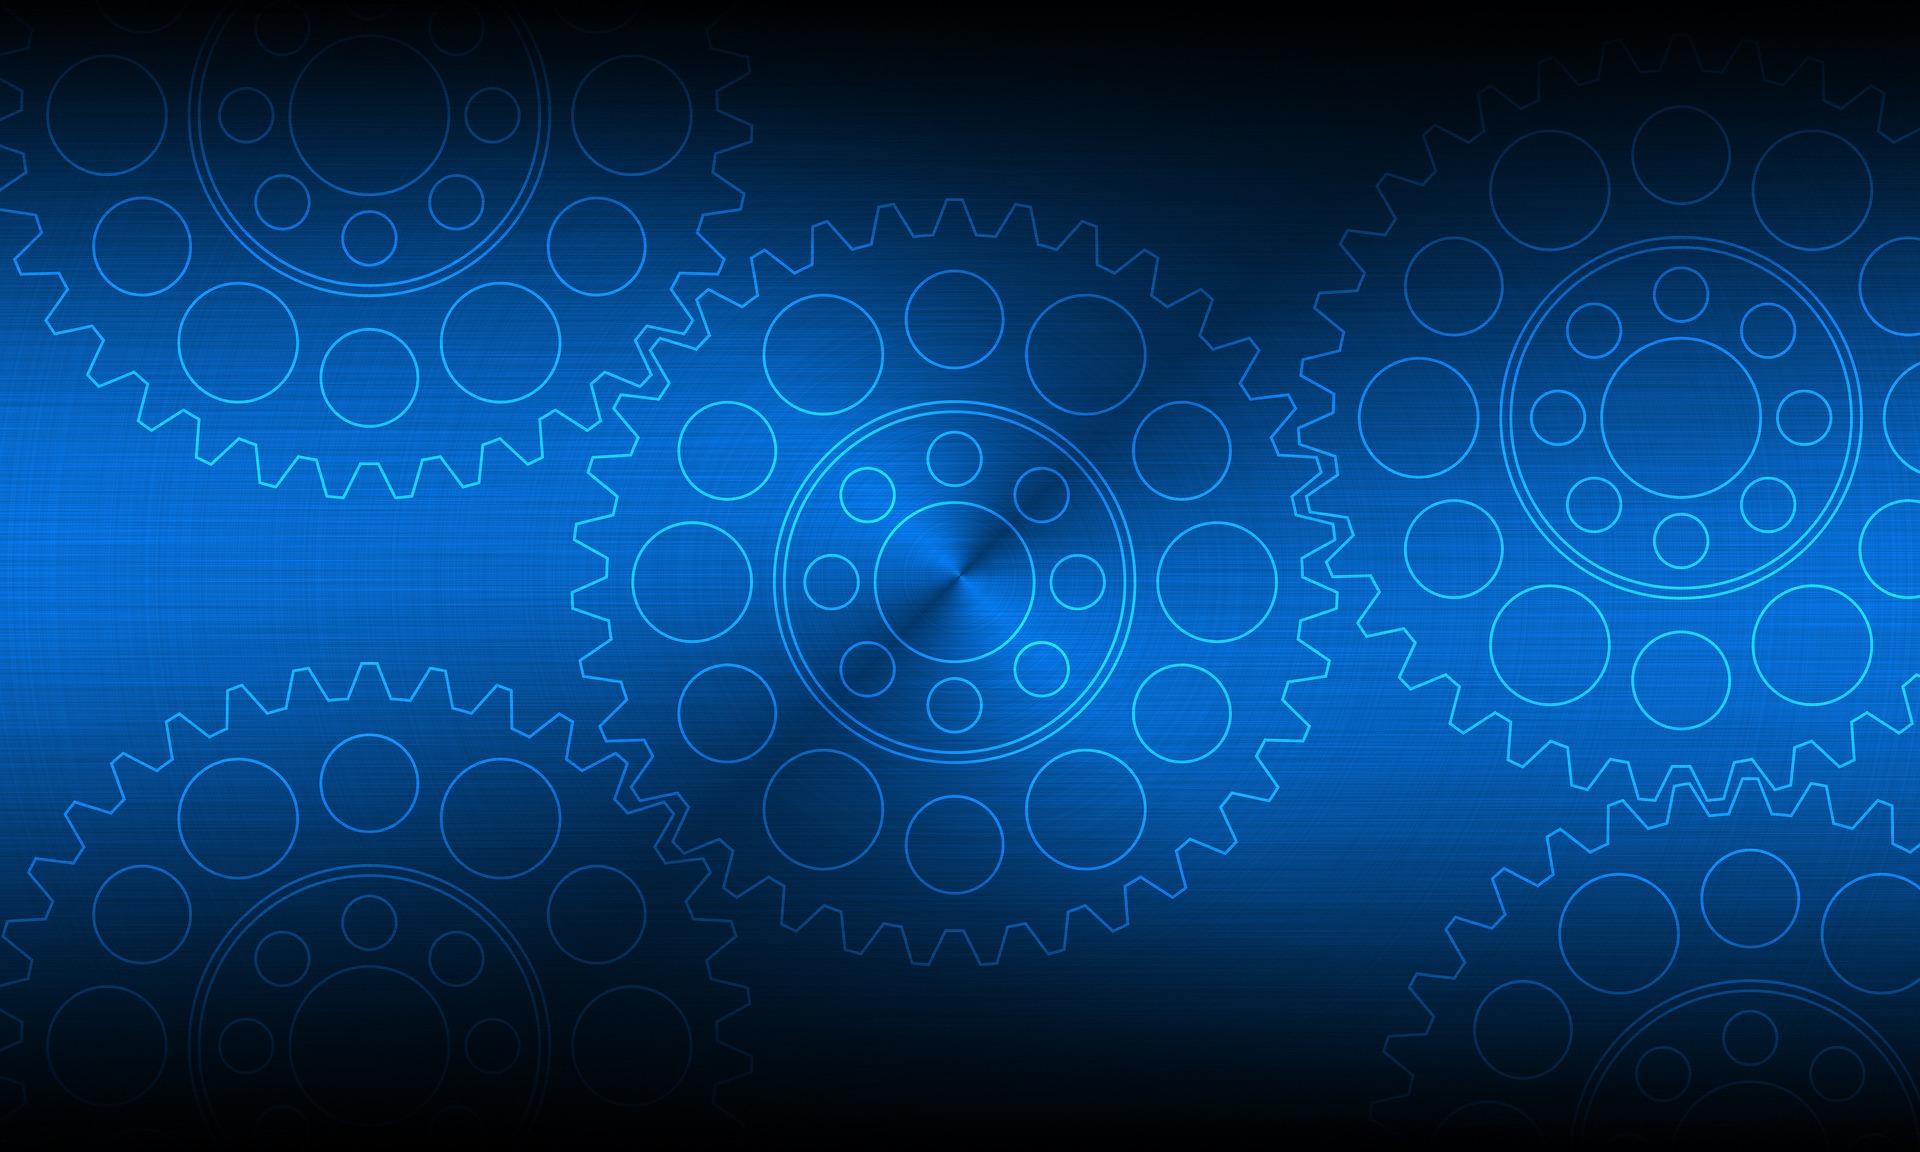 gears-3385529_1920